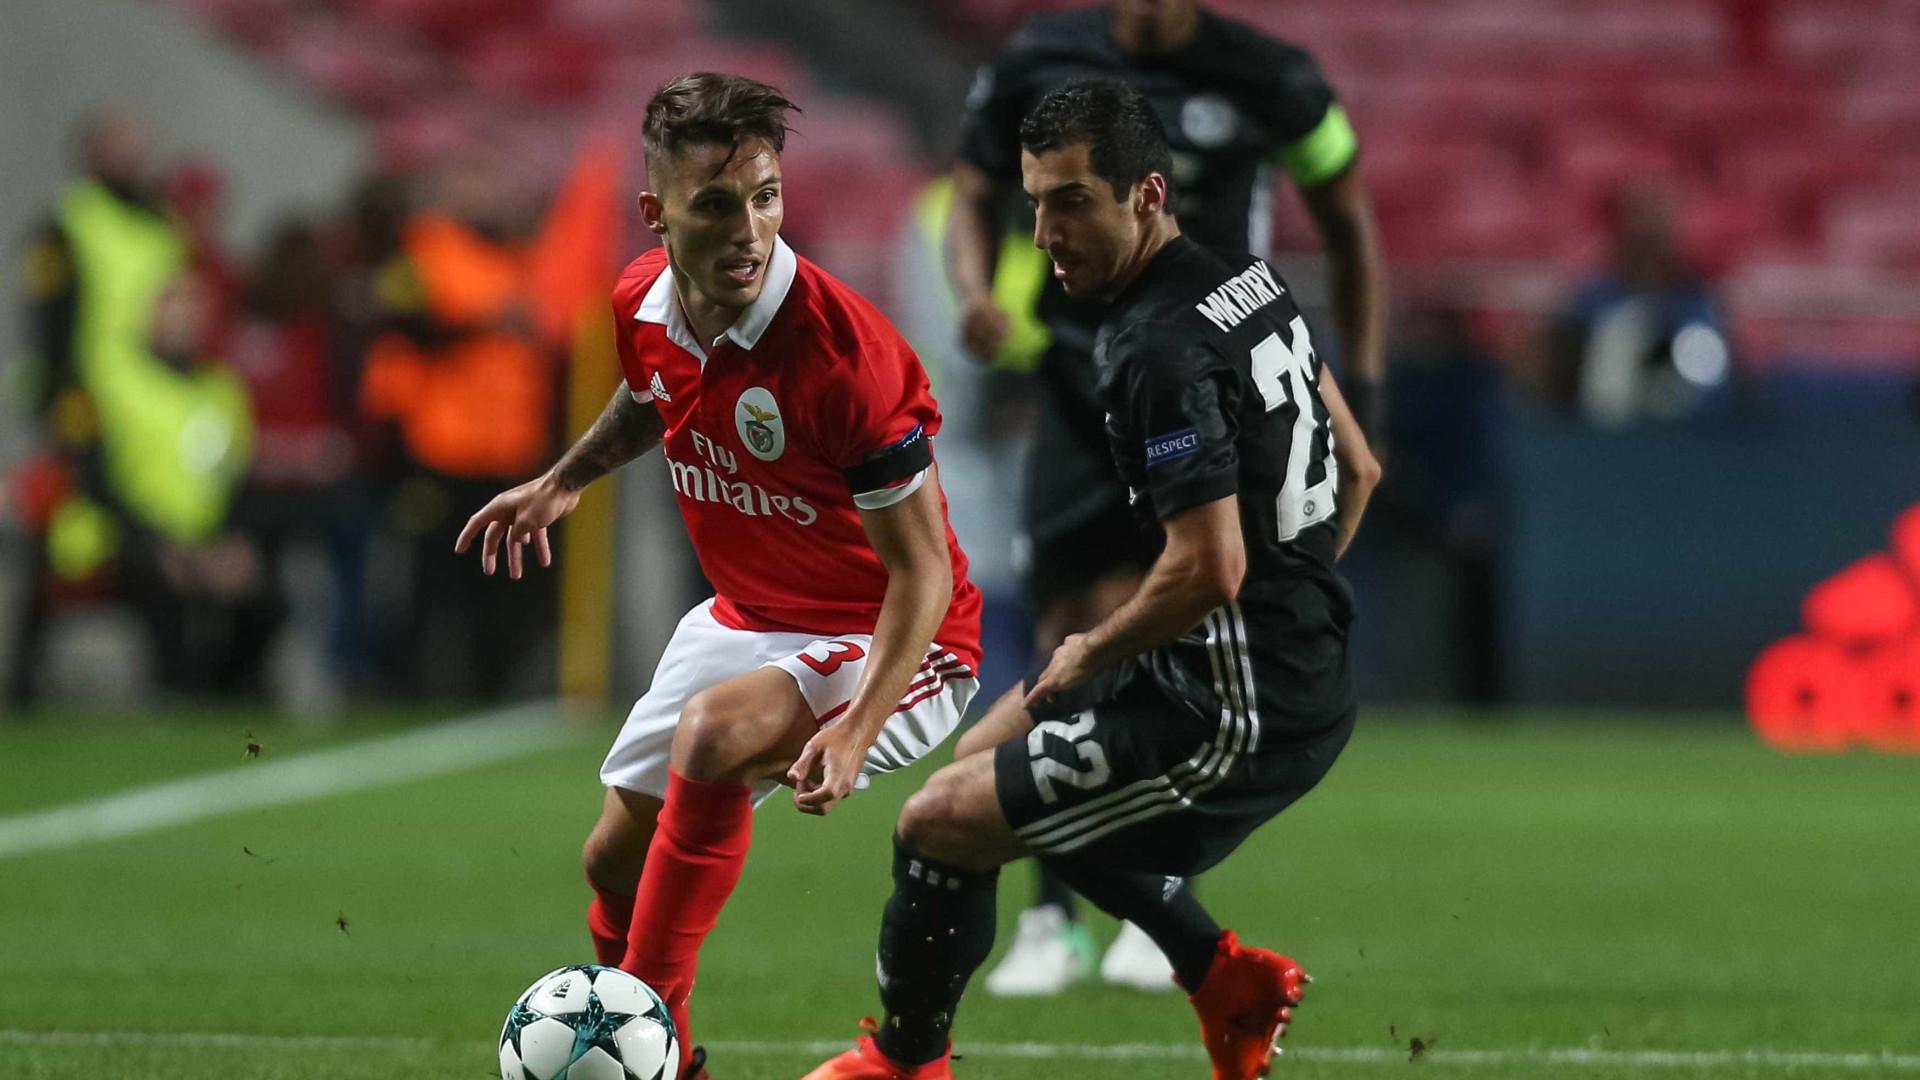 À atenção do Benfica: Man. United perde em Huddersfield